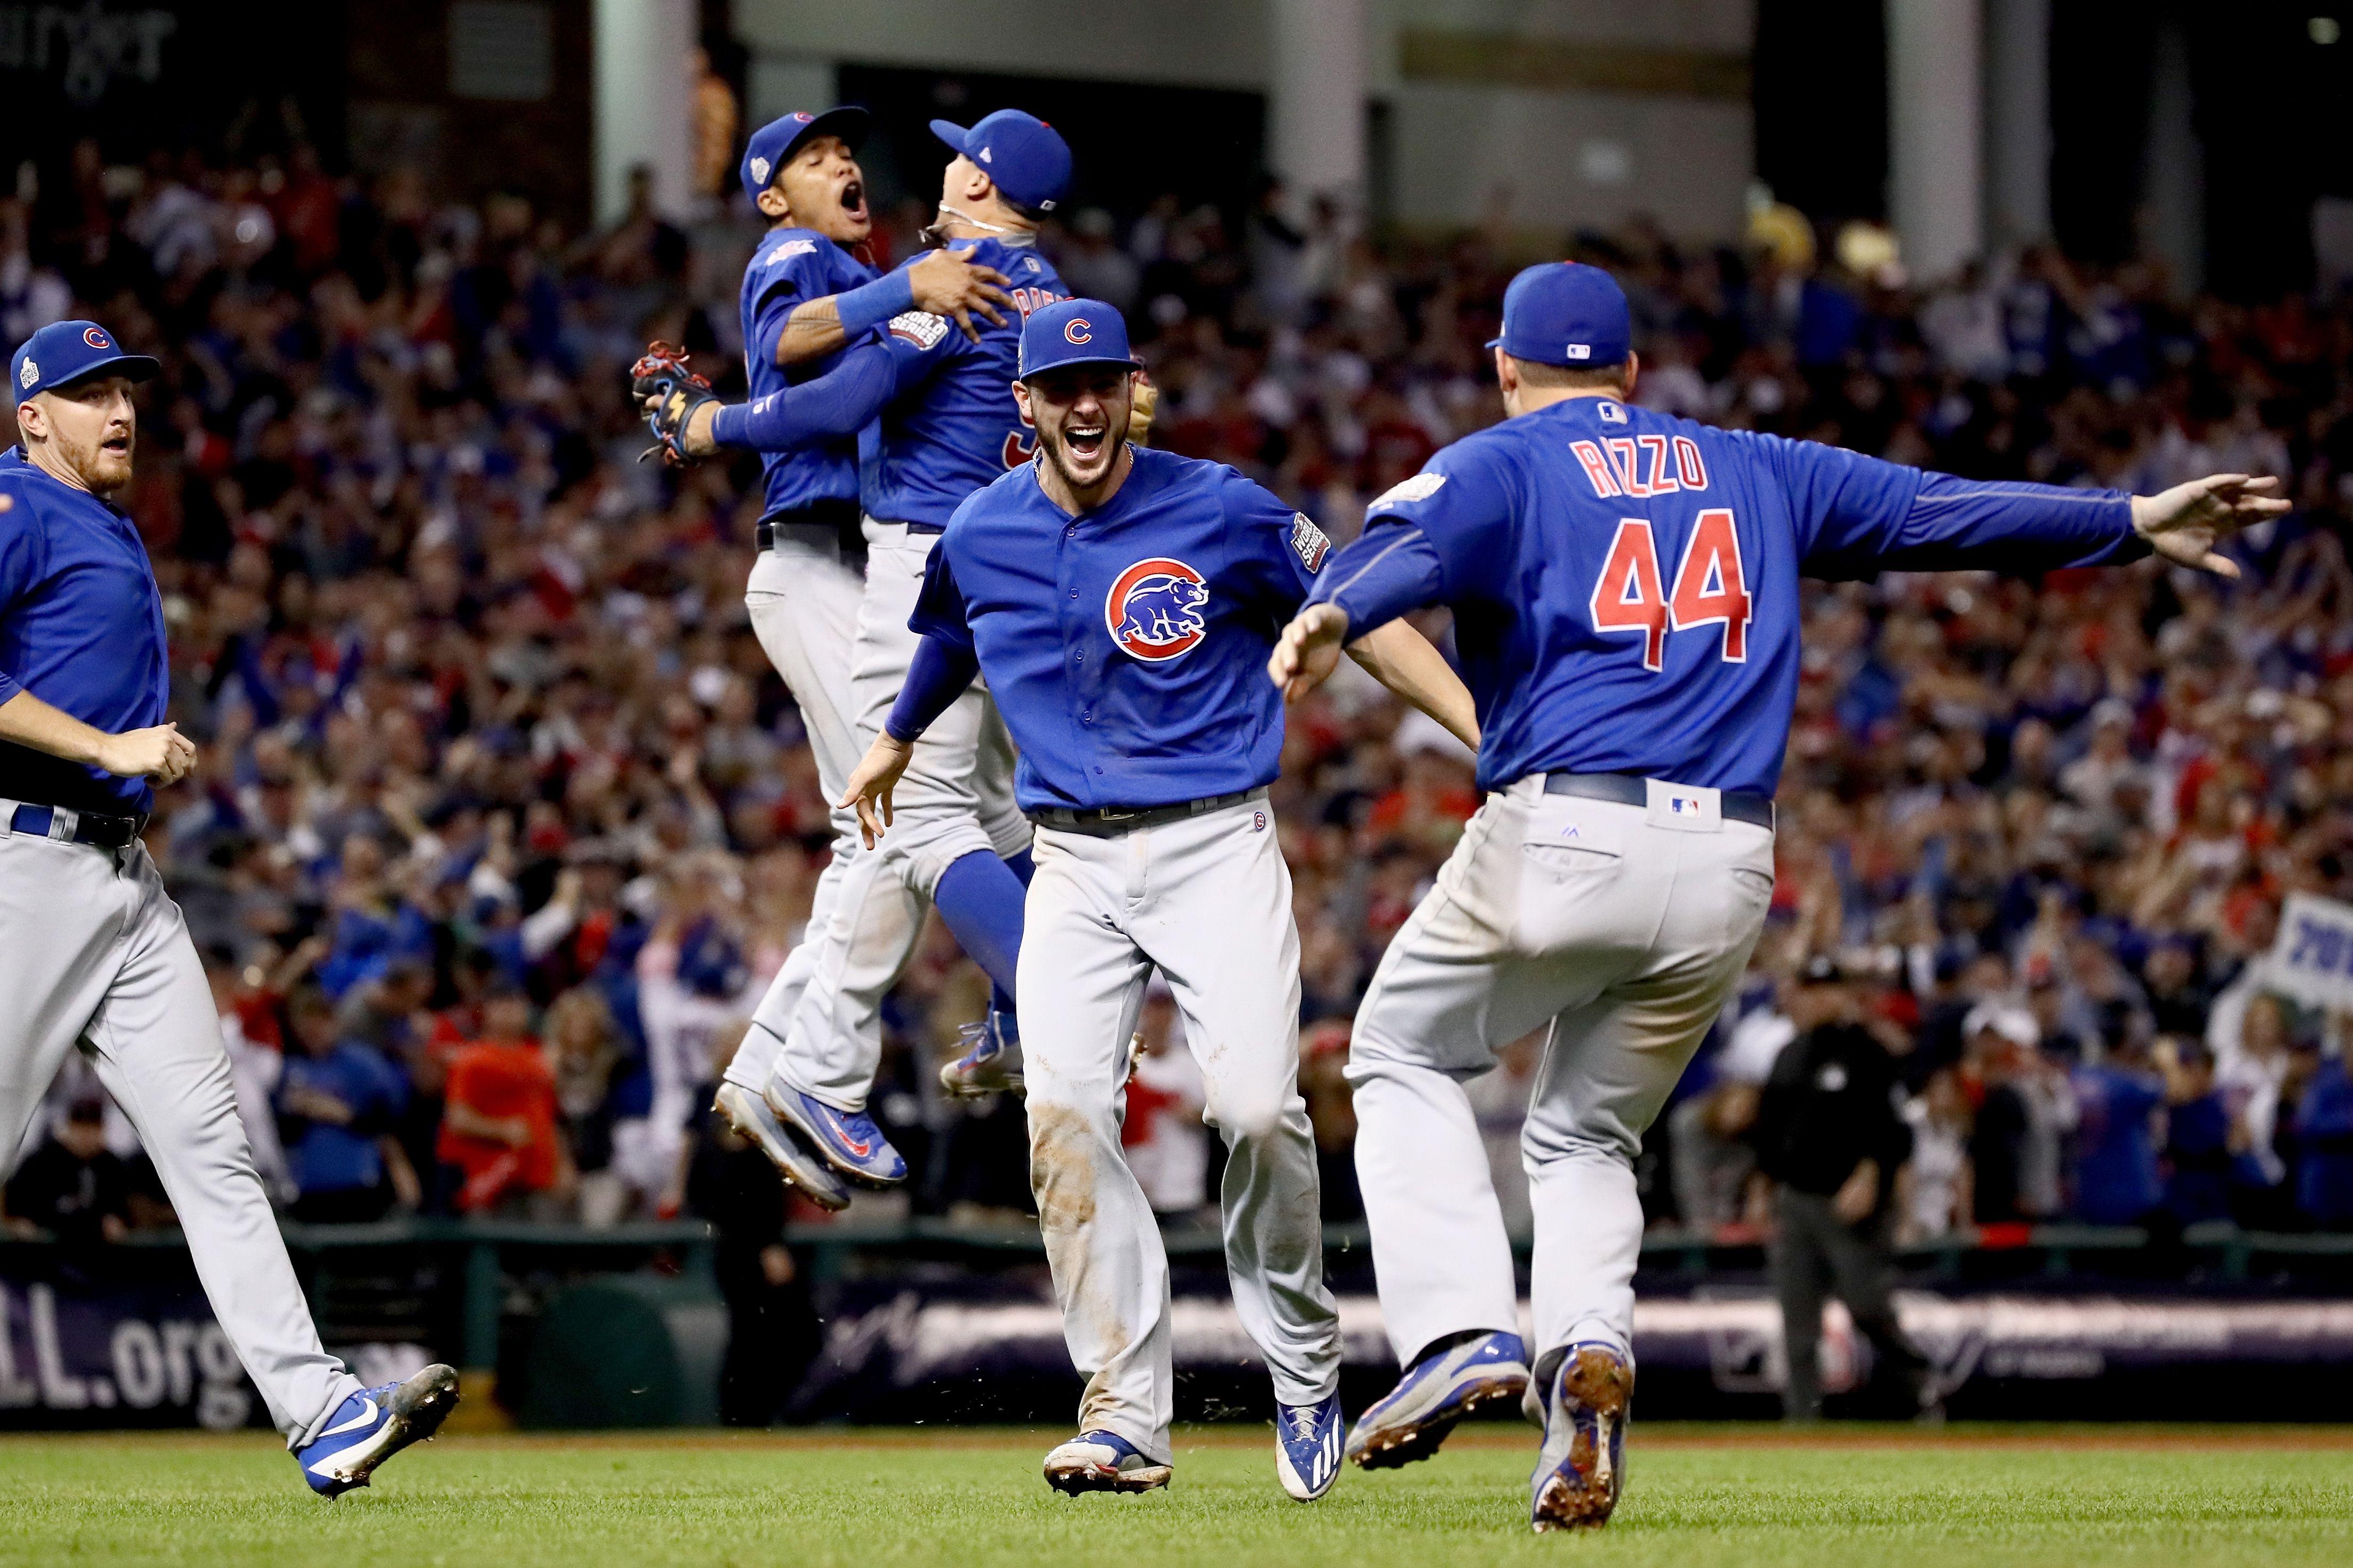 Cubs celebrating